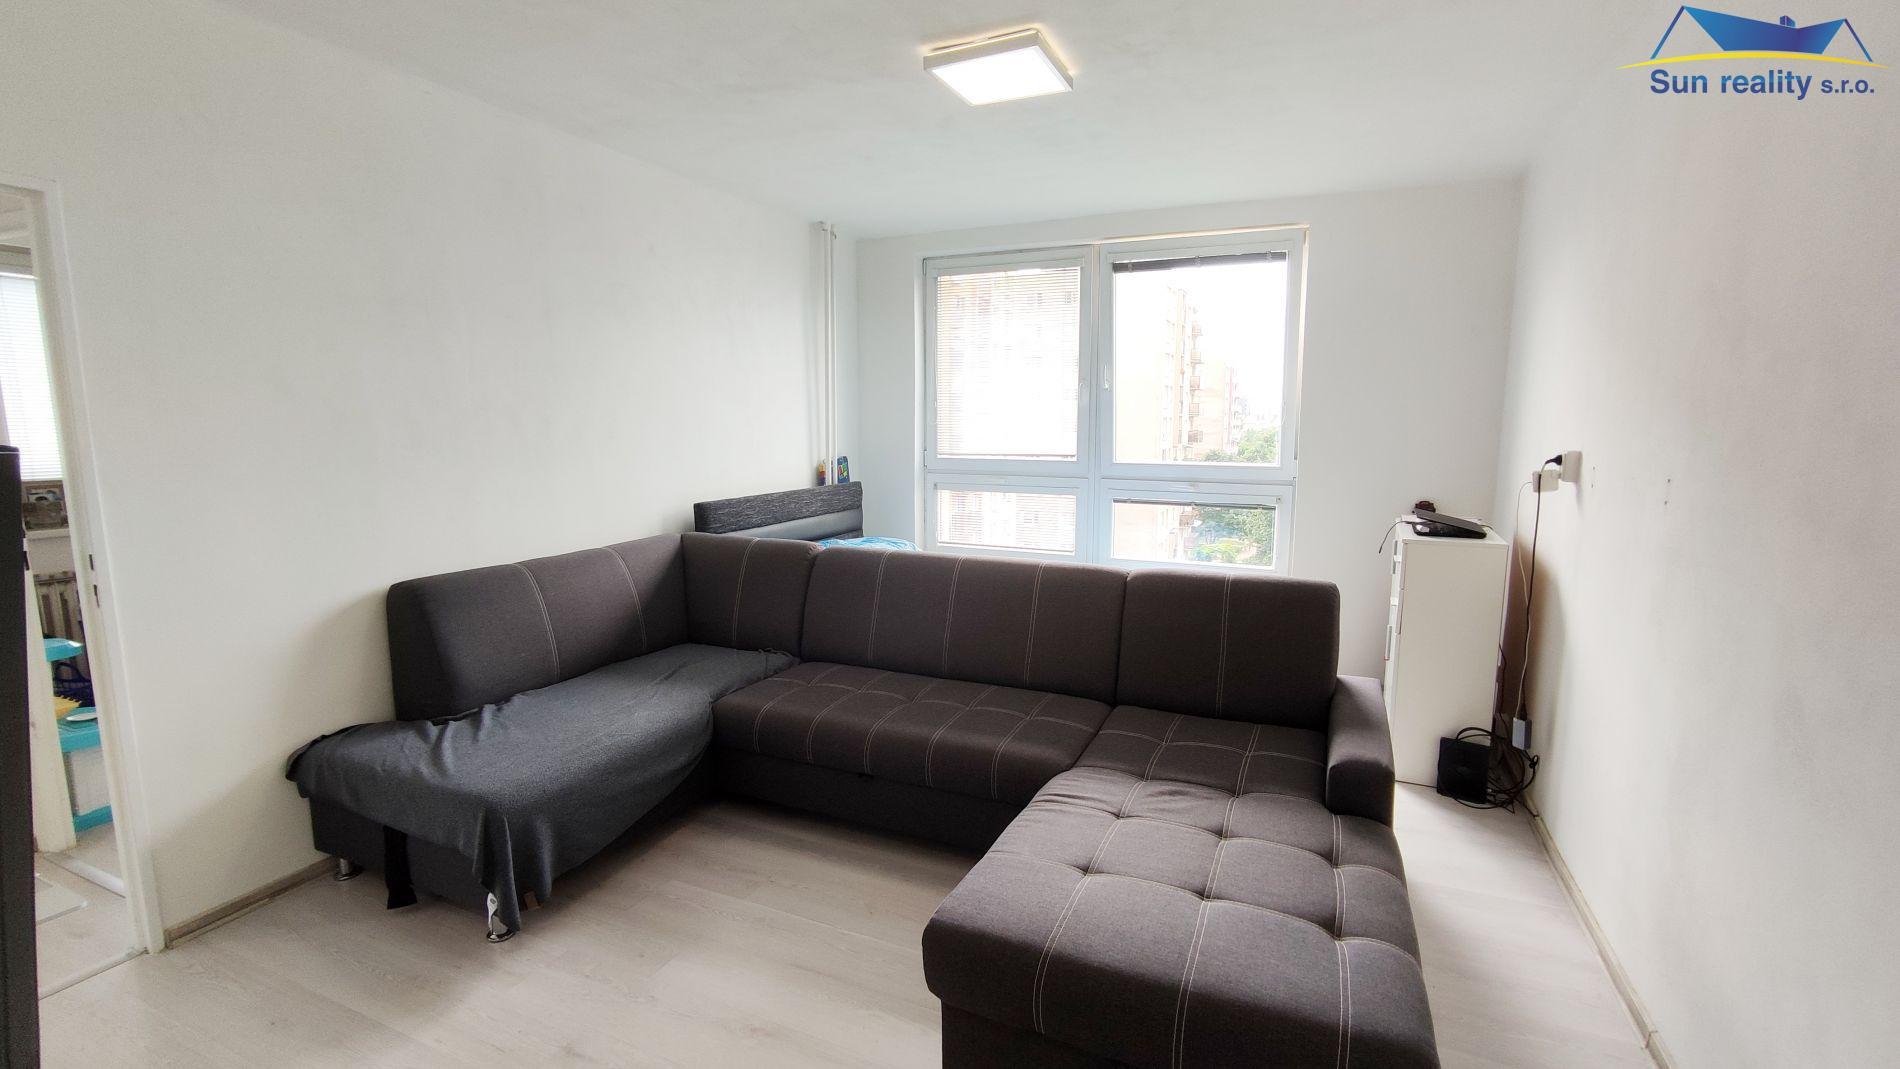 Nájem bytu 3+1, 70m2, ul. Gen. Janka, Ostrava Mariánské hory